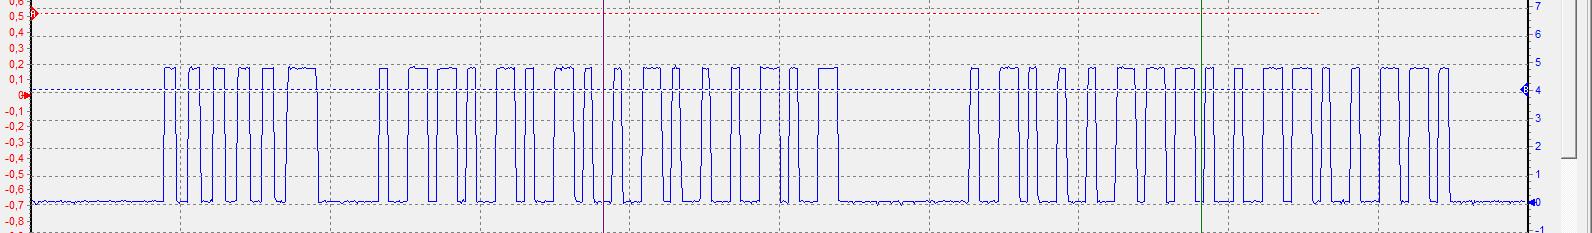 Реверс-инжиниринг протокола парктроника. Танец маленьких бит - 1